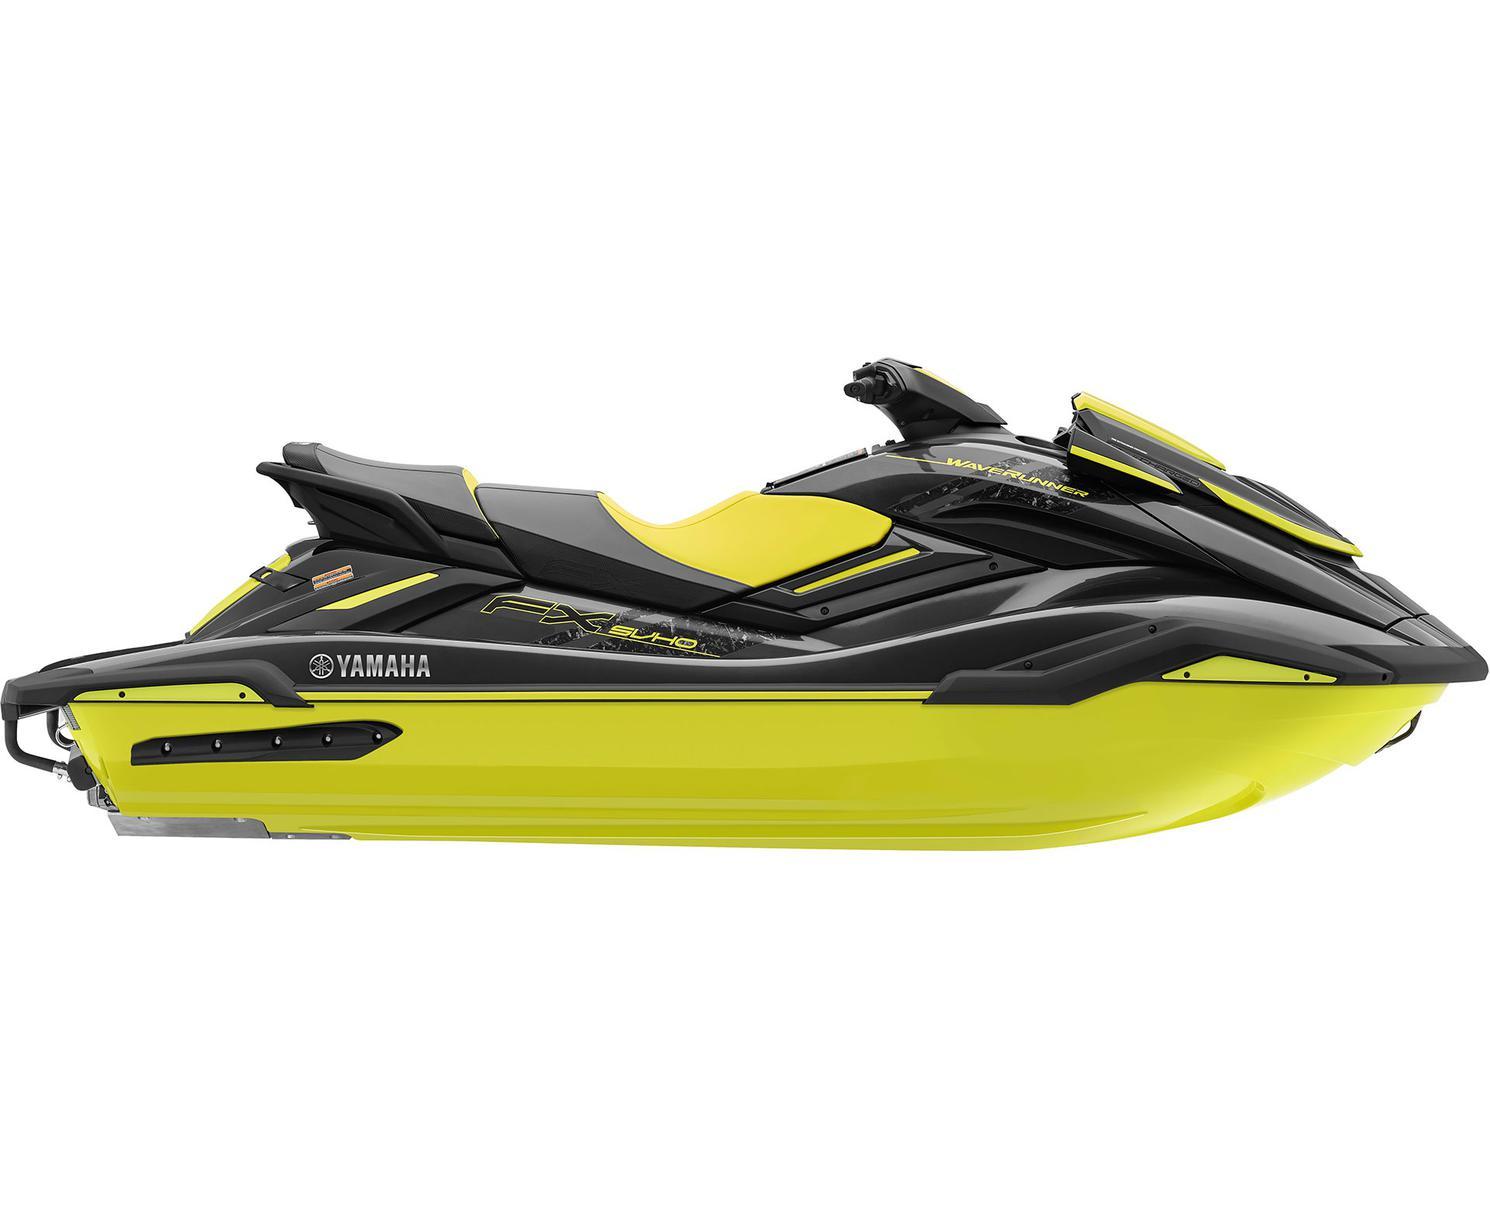 2021 Yamaha FX SVHO Carbon/Lime Yellow